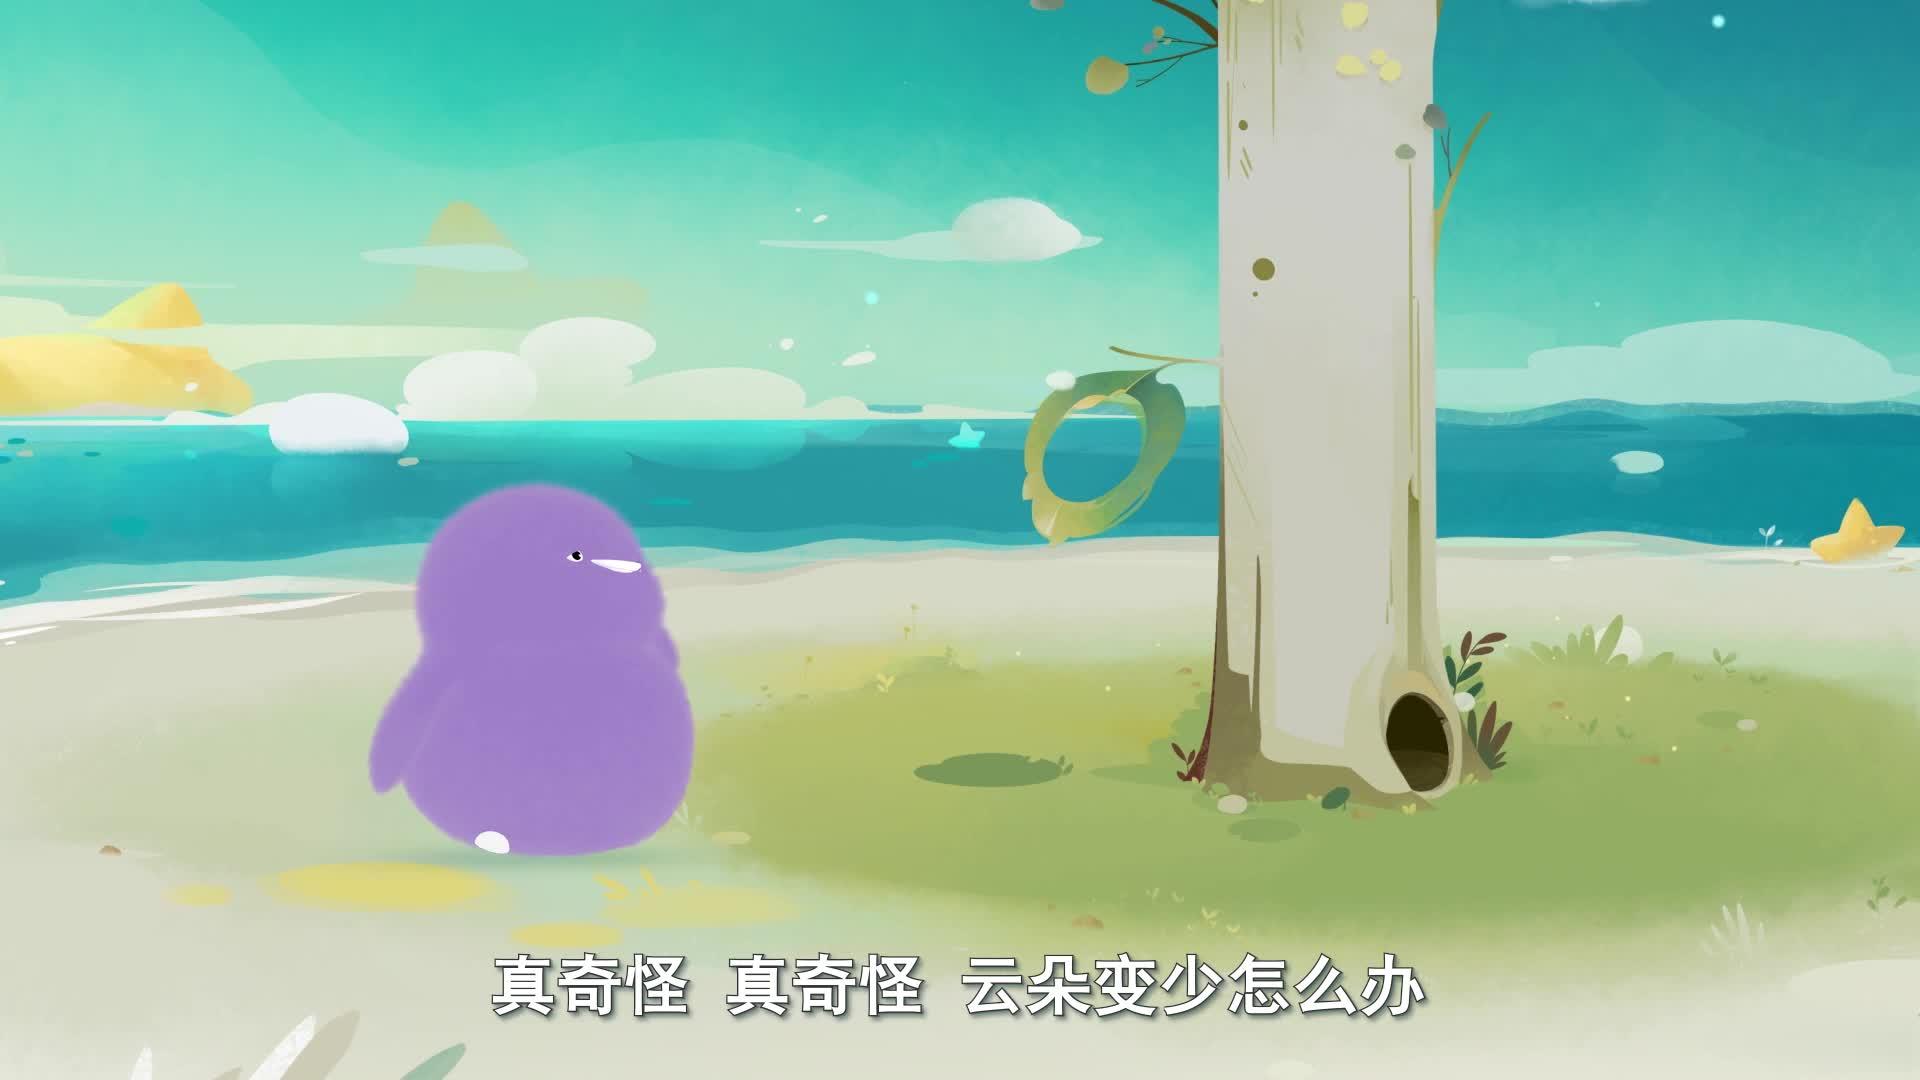 《小鸡彩虹》 第五季 22云岛危机